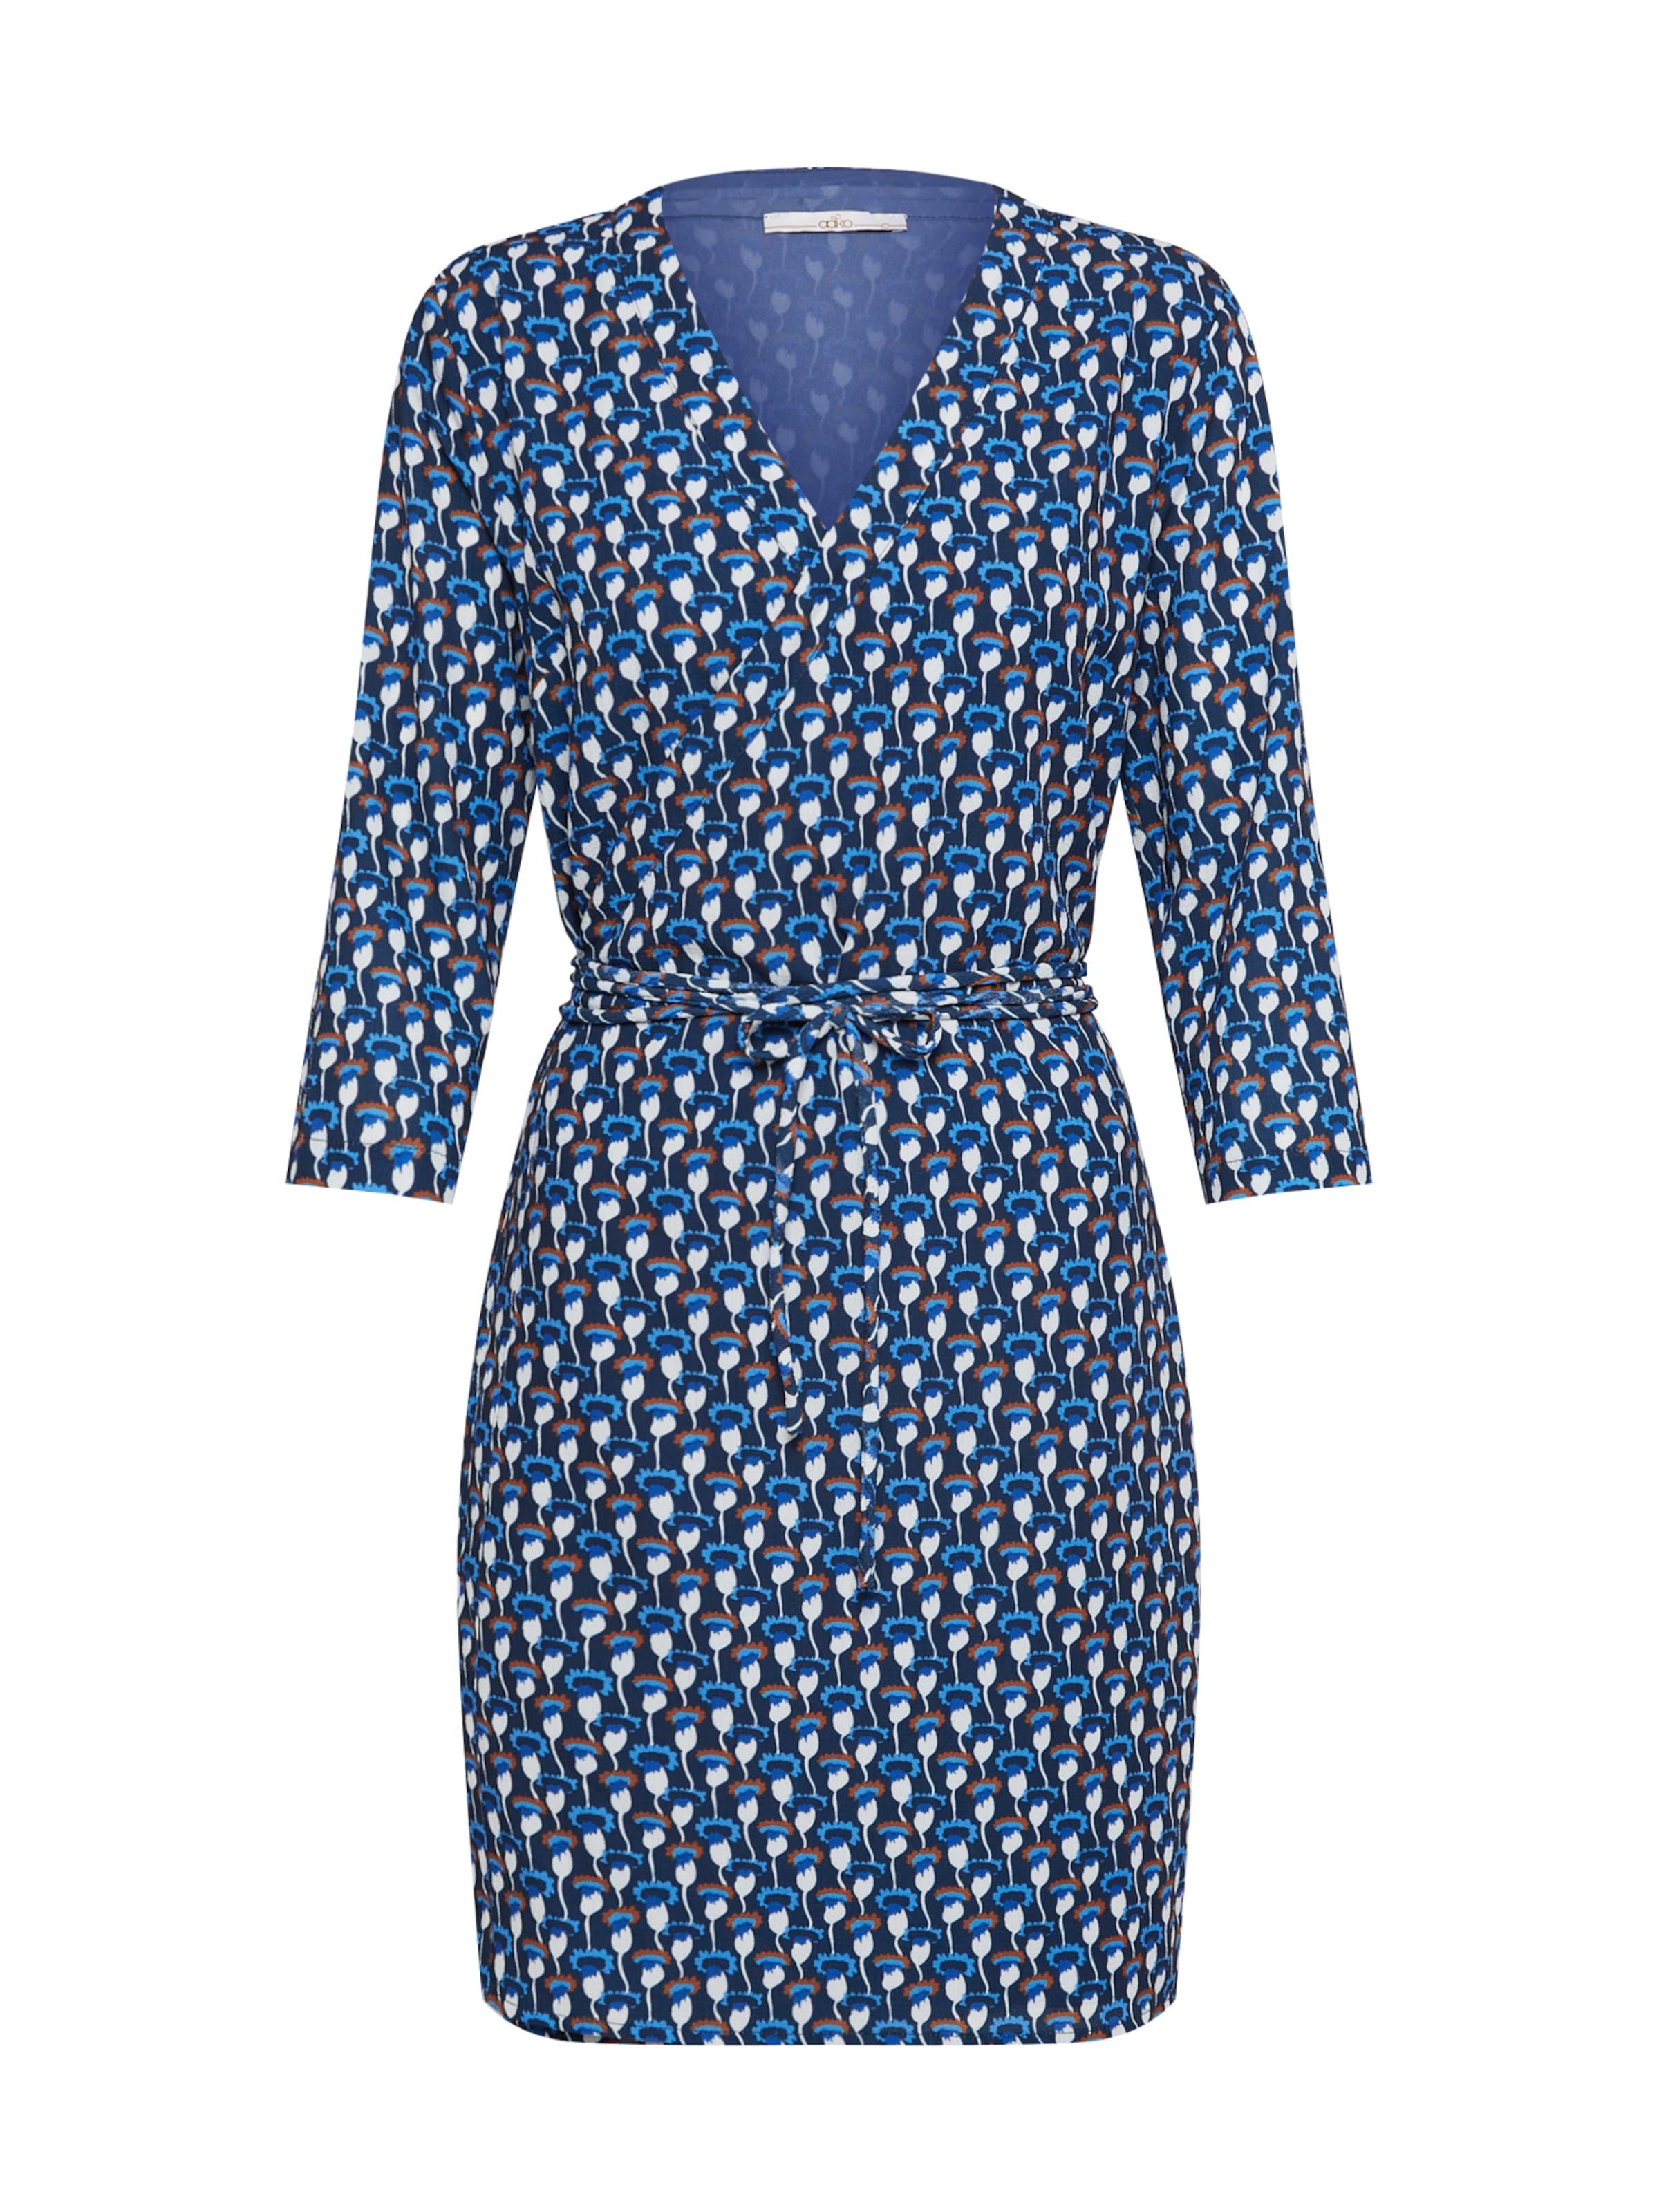 hippe jurken online